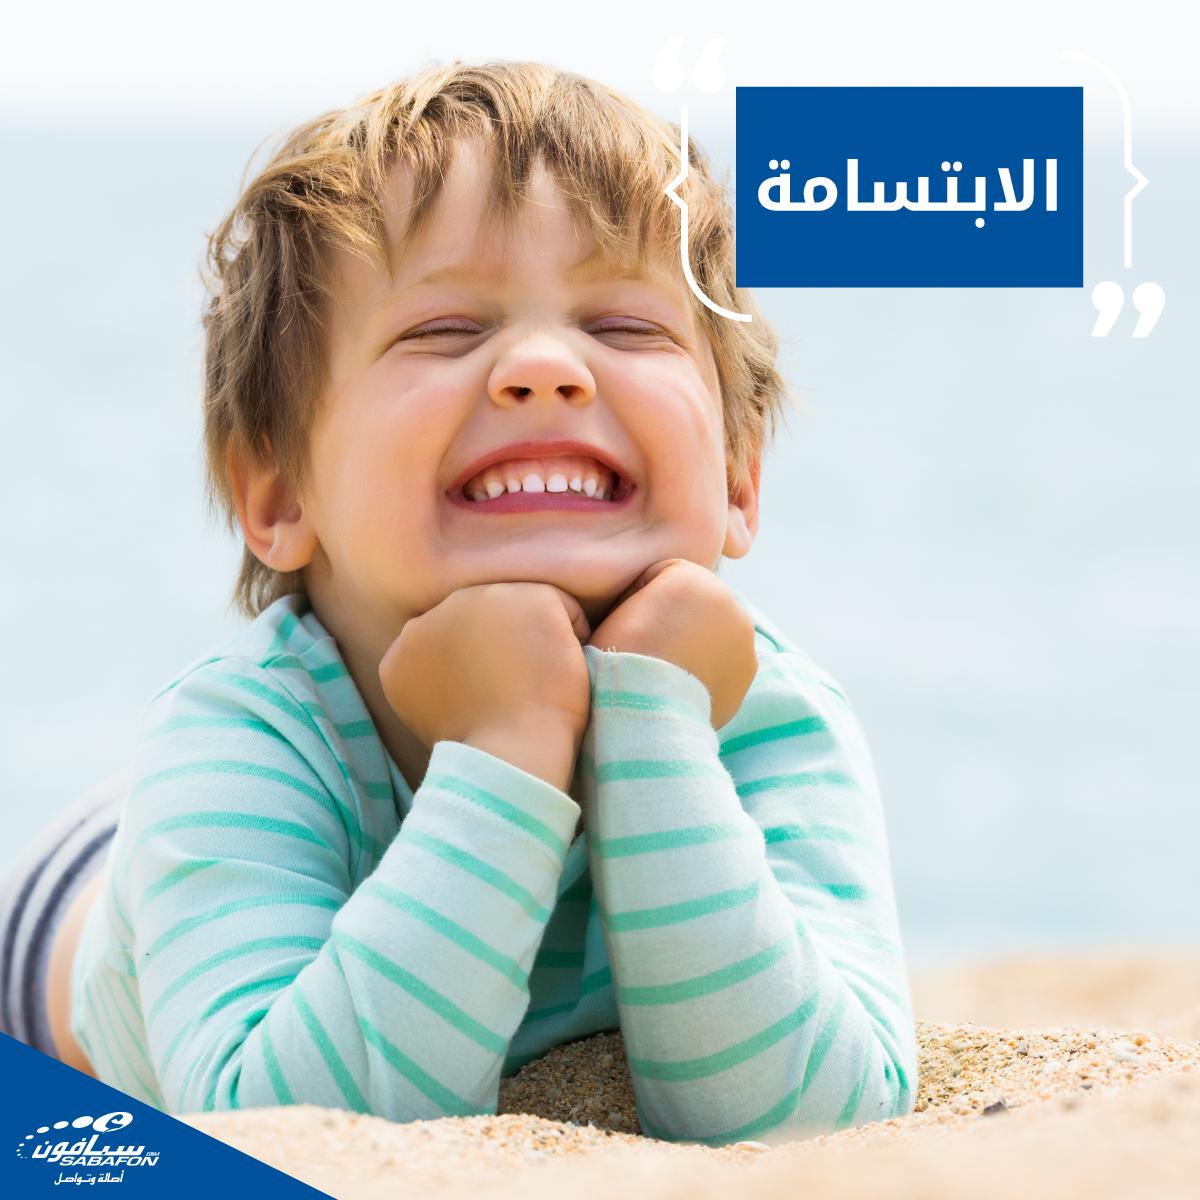 02e7a04cd41b8 الابتسامة هي الطريقة التي تكتب بها الأفكار على الأوجه، ونخبر بها الآخرين  بأنهم مرحب بهم